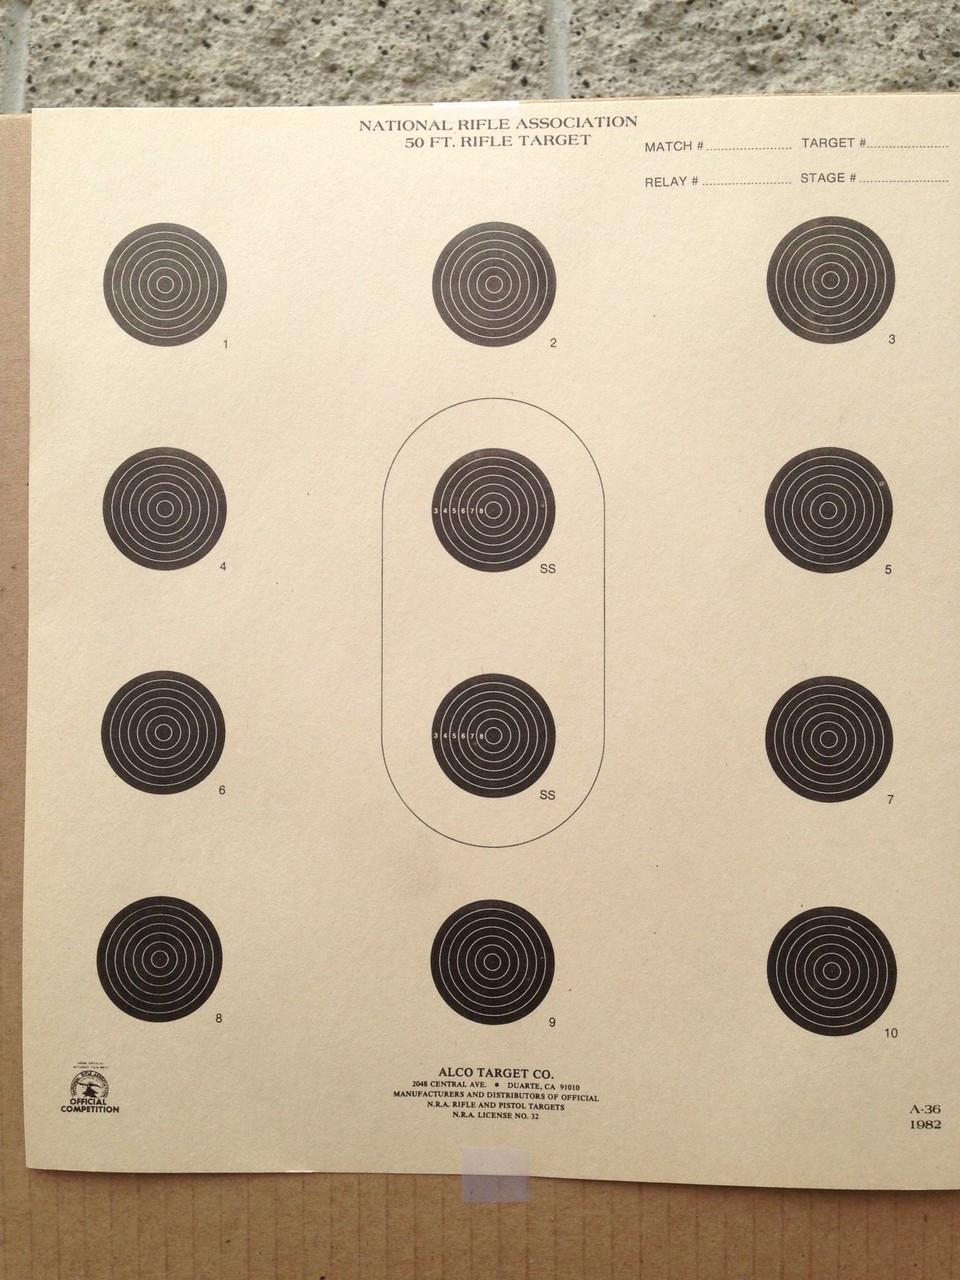 A-36 Shooting Target